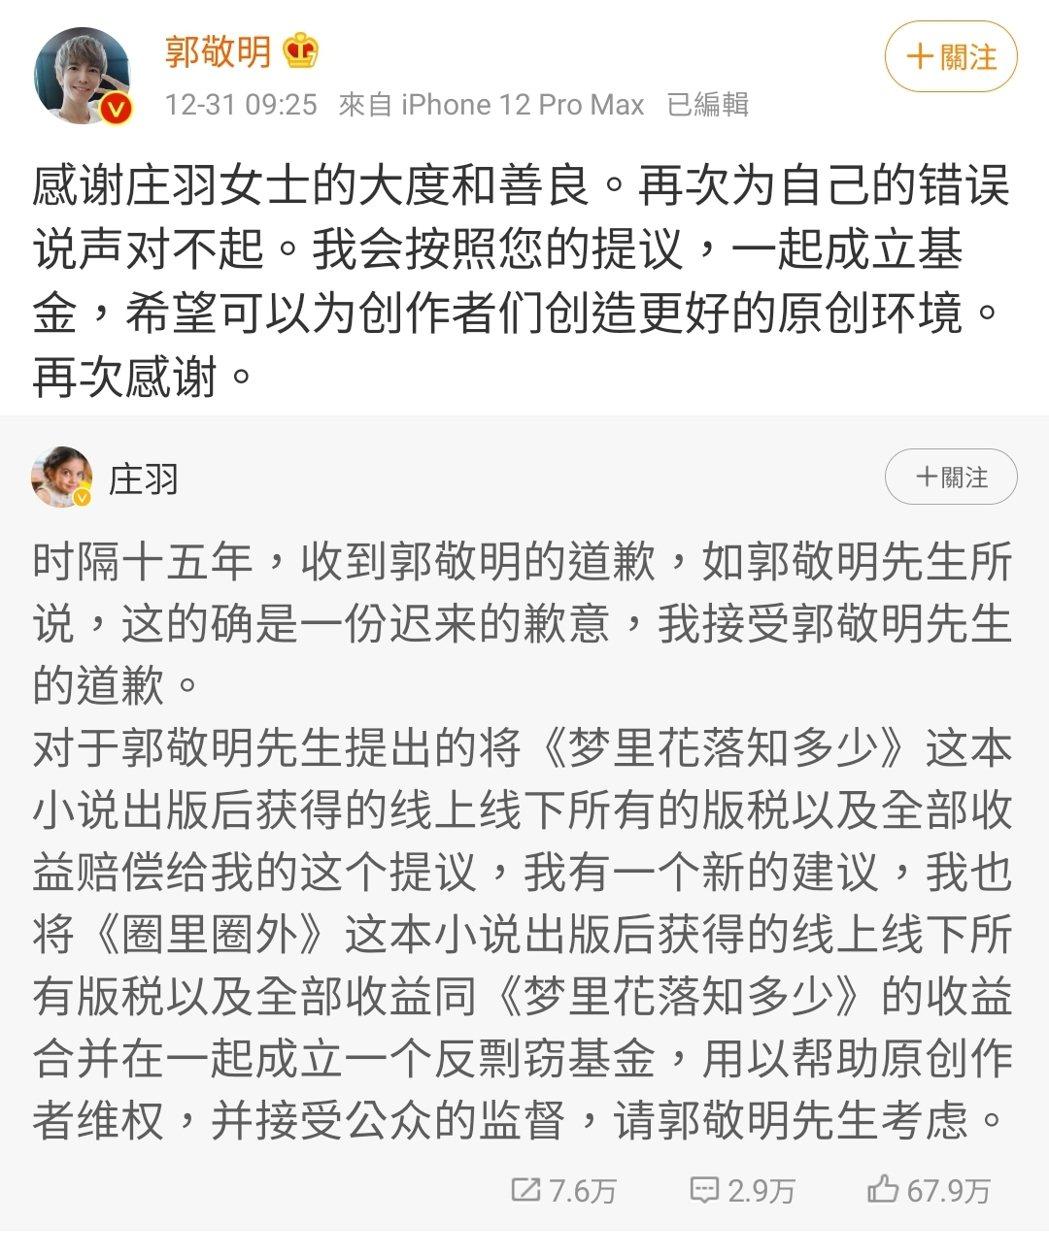 作家莊羽接受郭敬明道歉,還提出成立反剽竊基金。 圖/擷自郭敬明微博